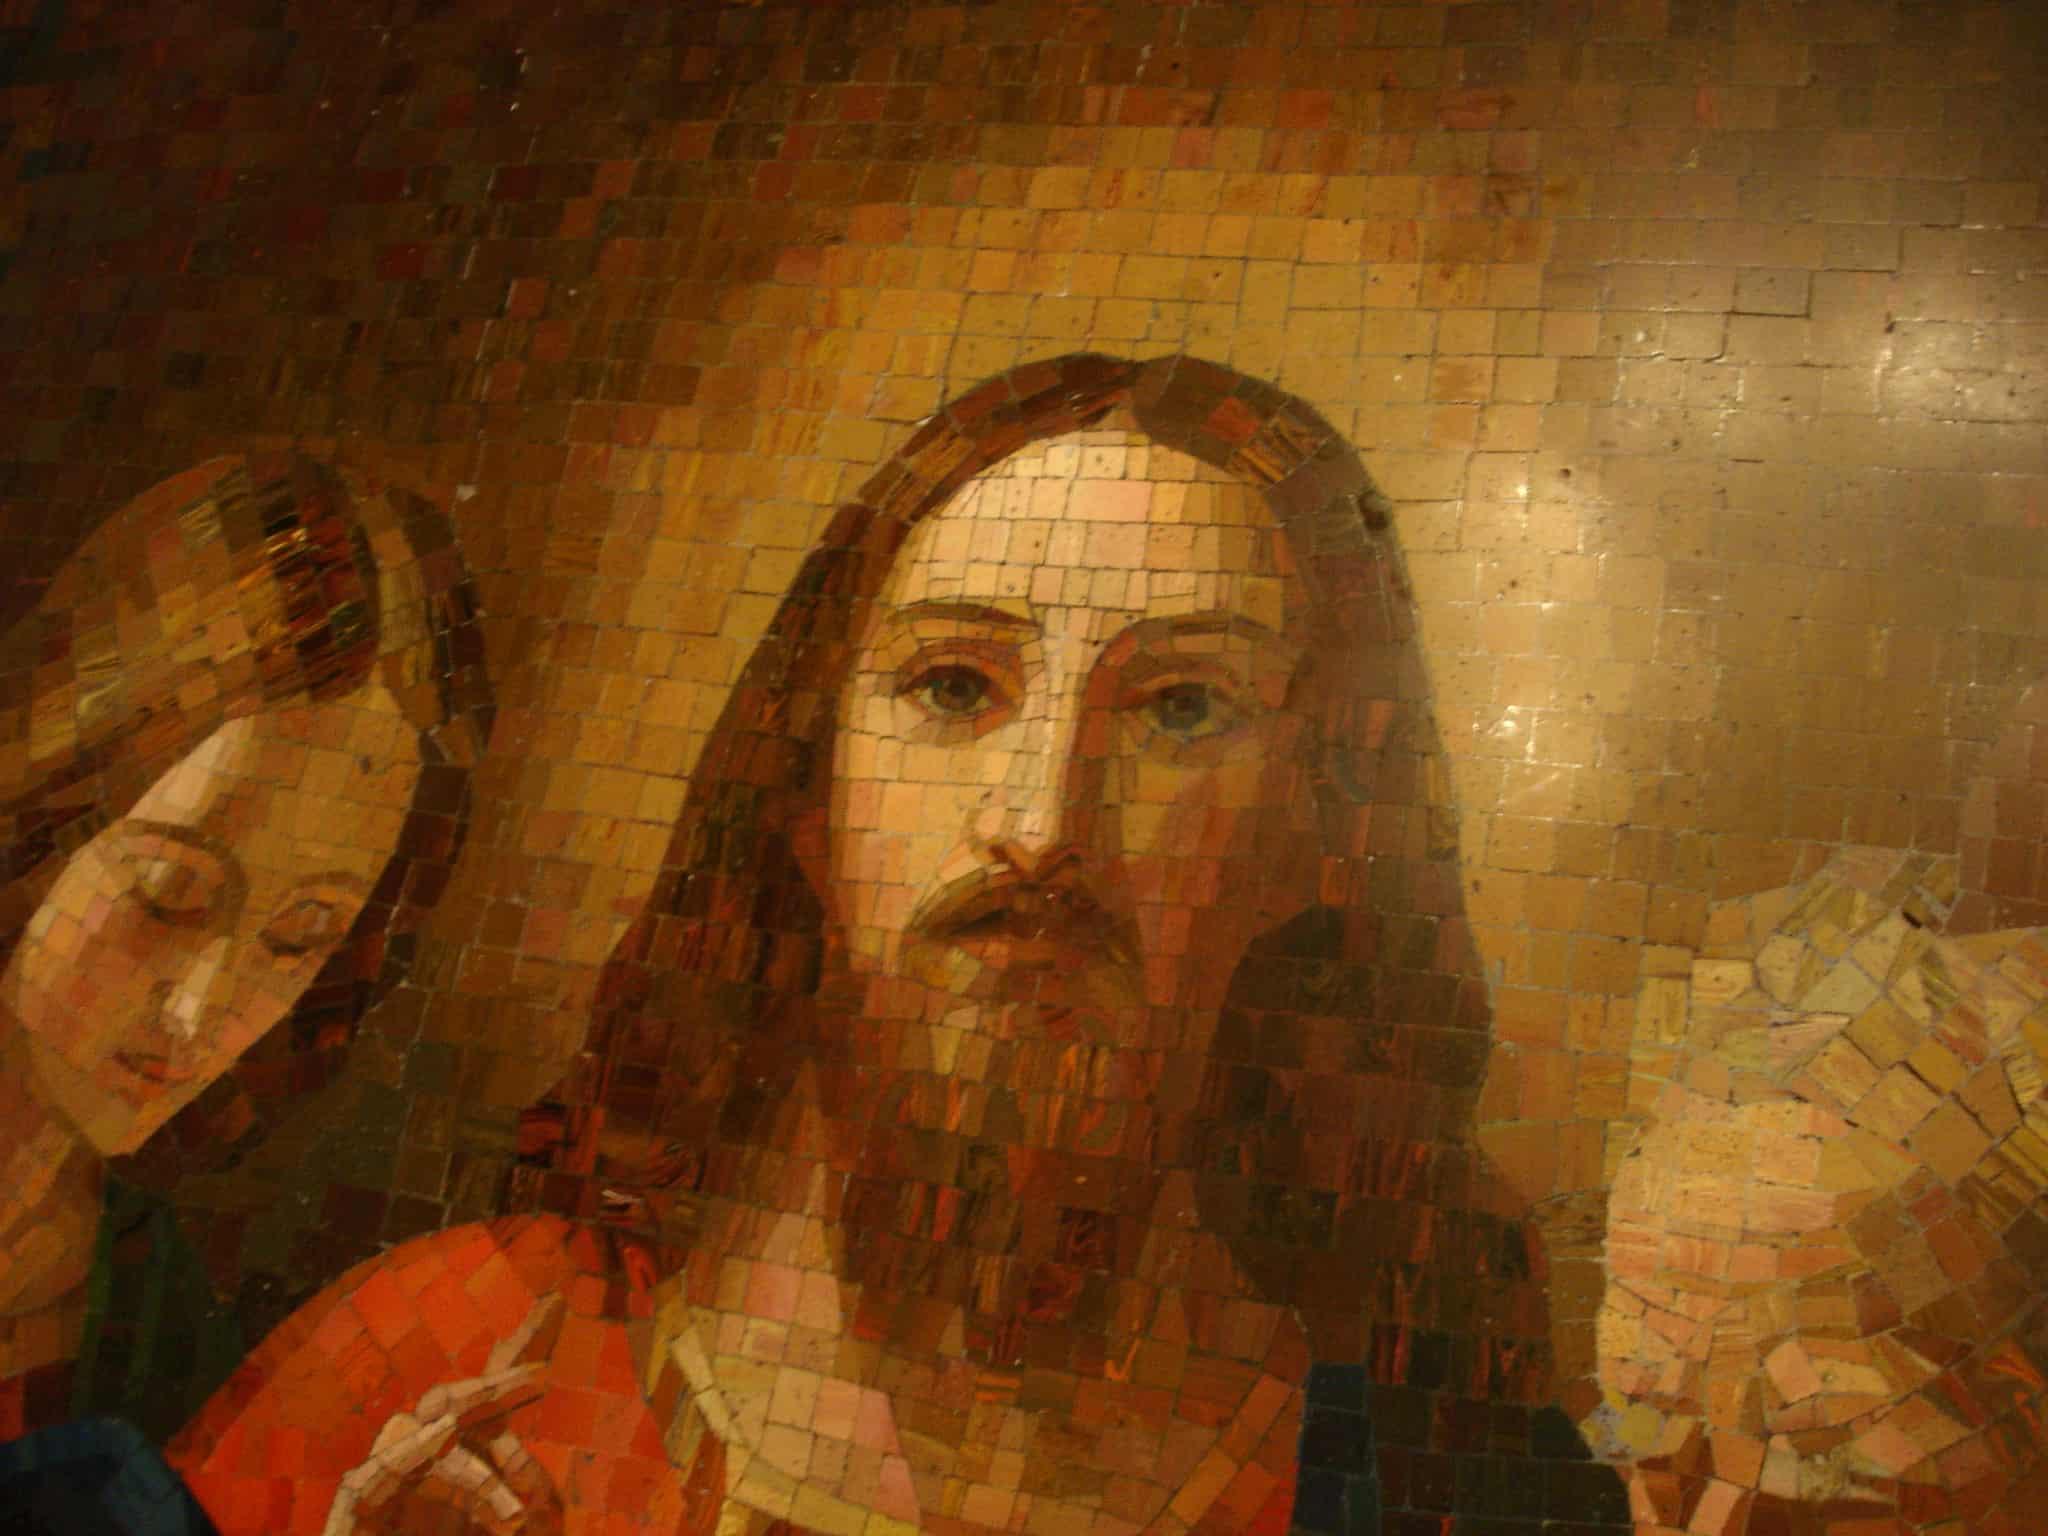 фигура Иисуса Христа на иконе